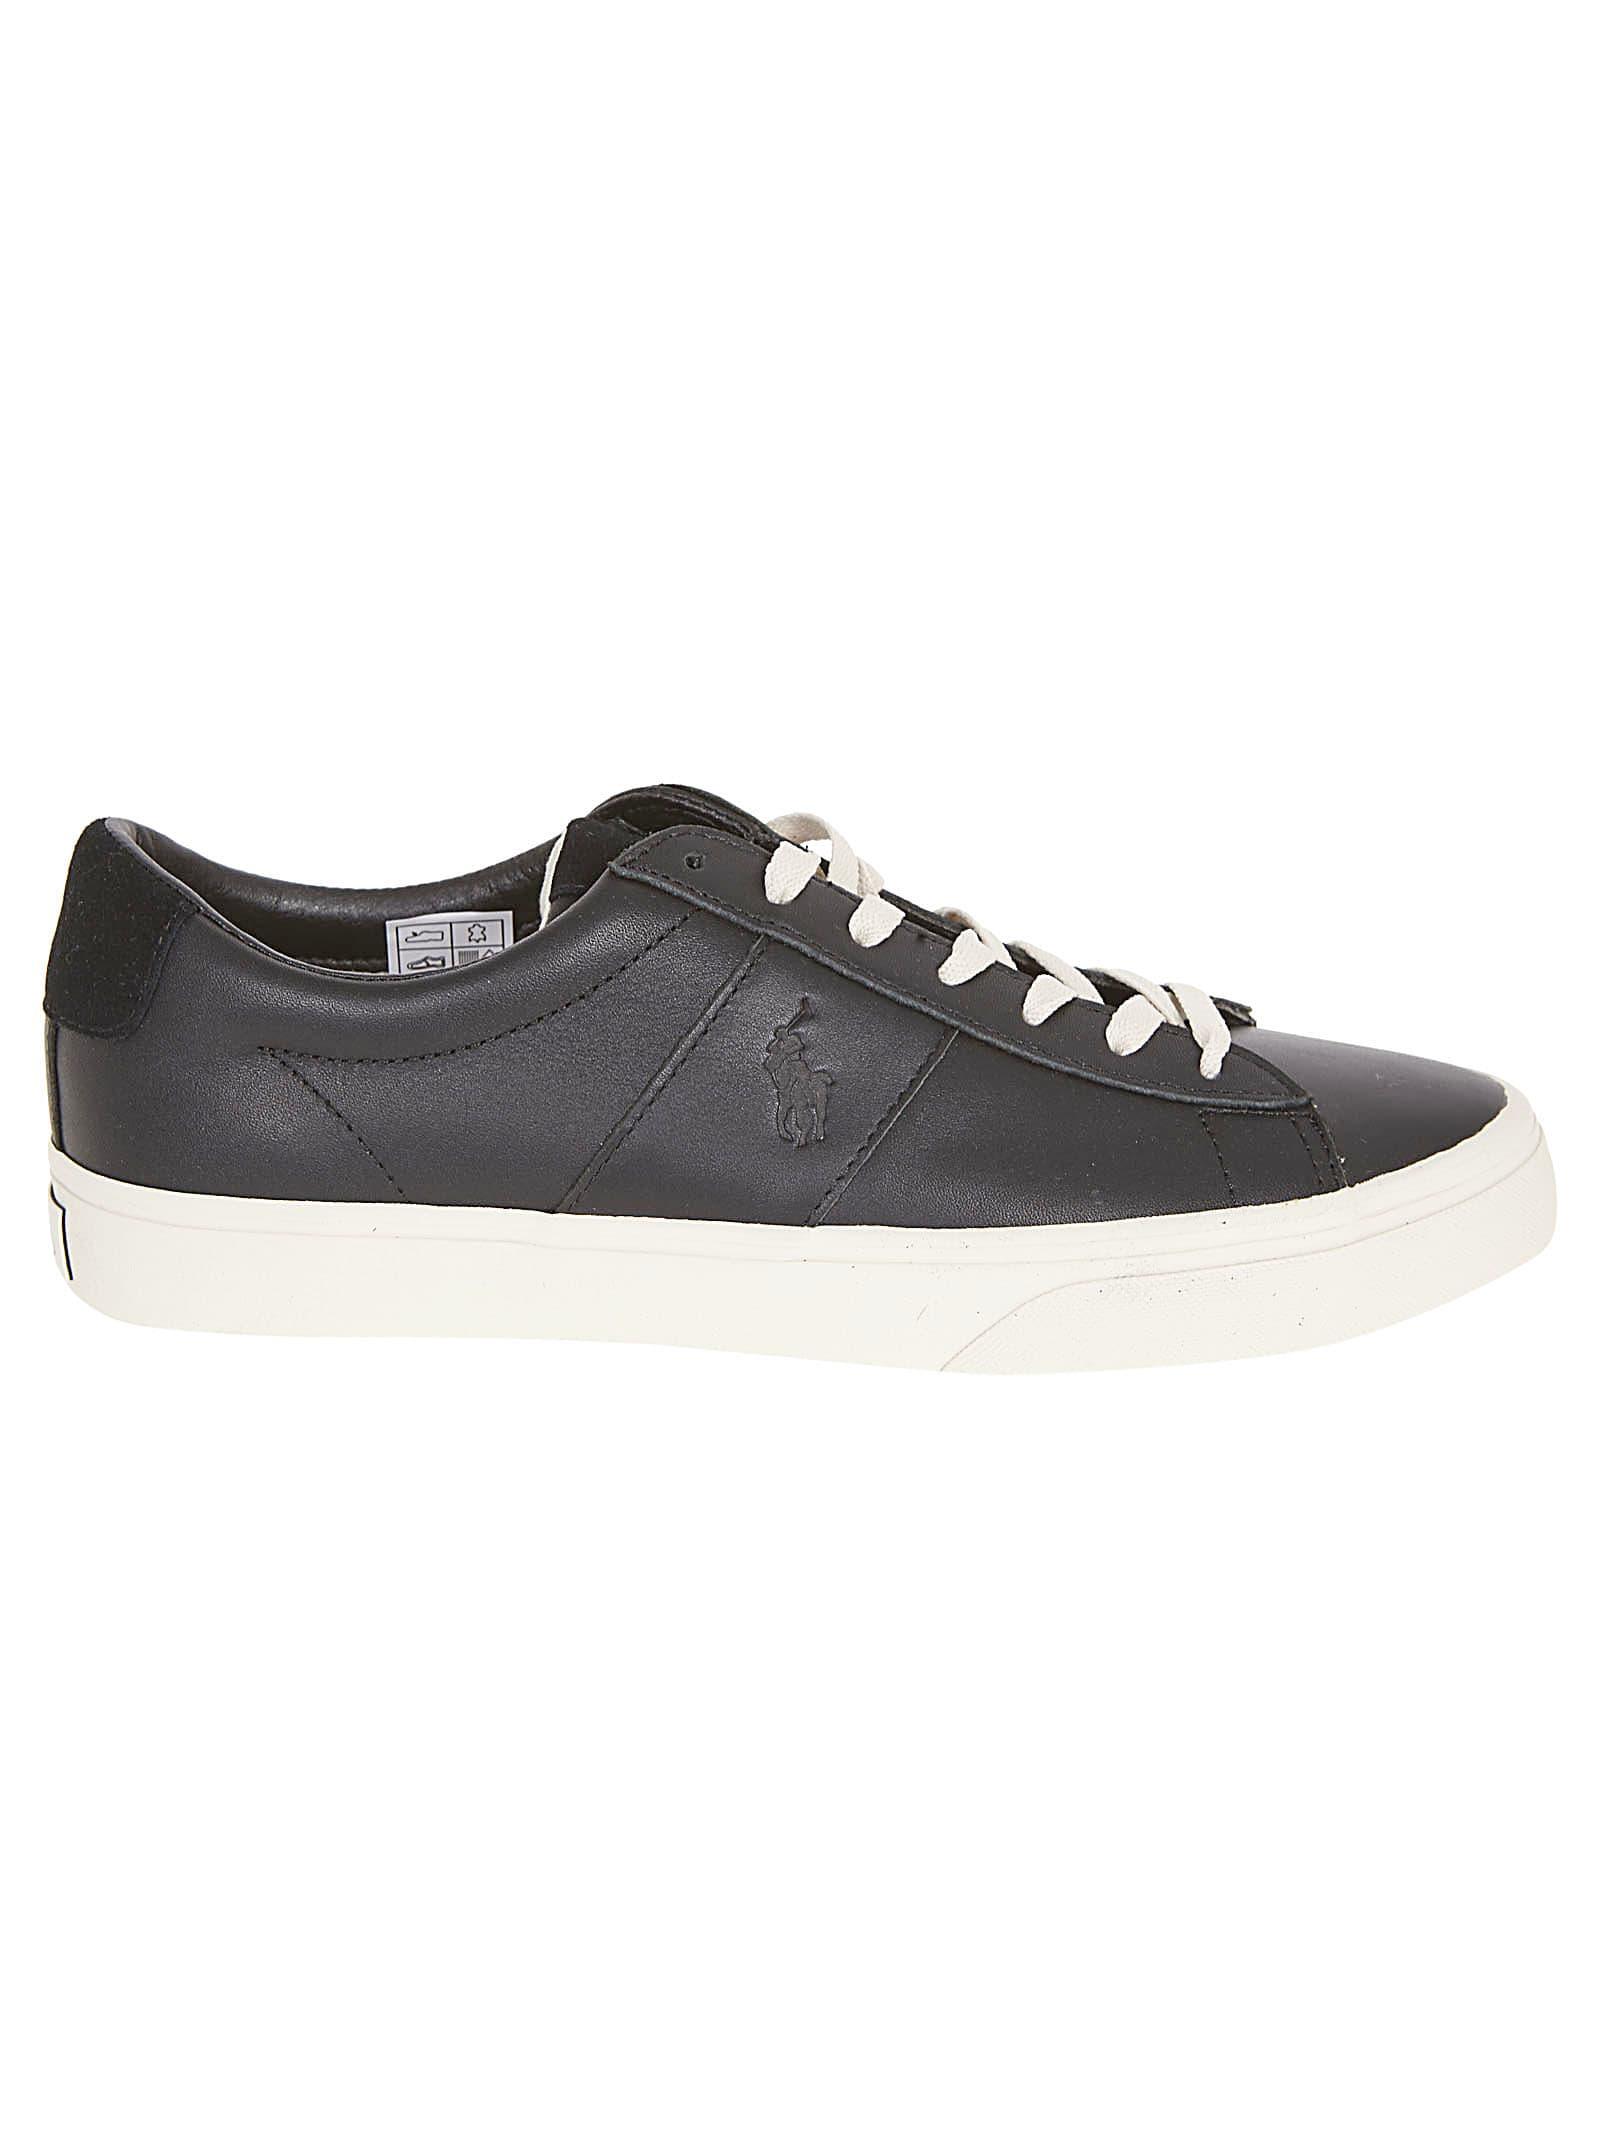 Ralph Lauren Sayer Sneakers